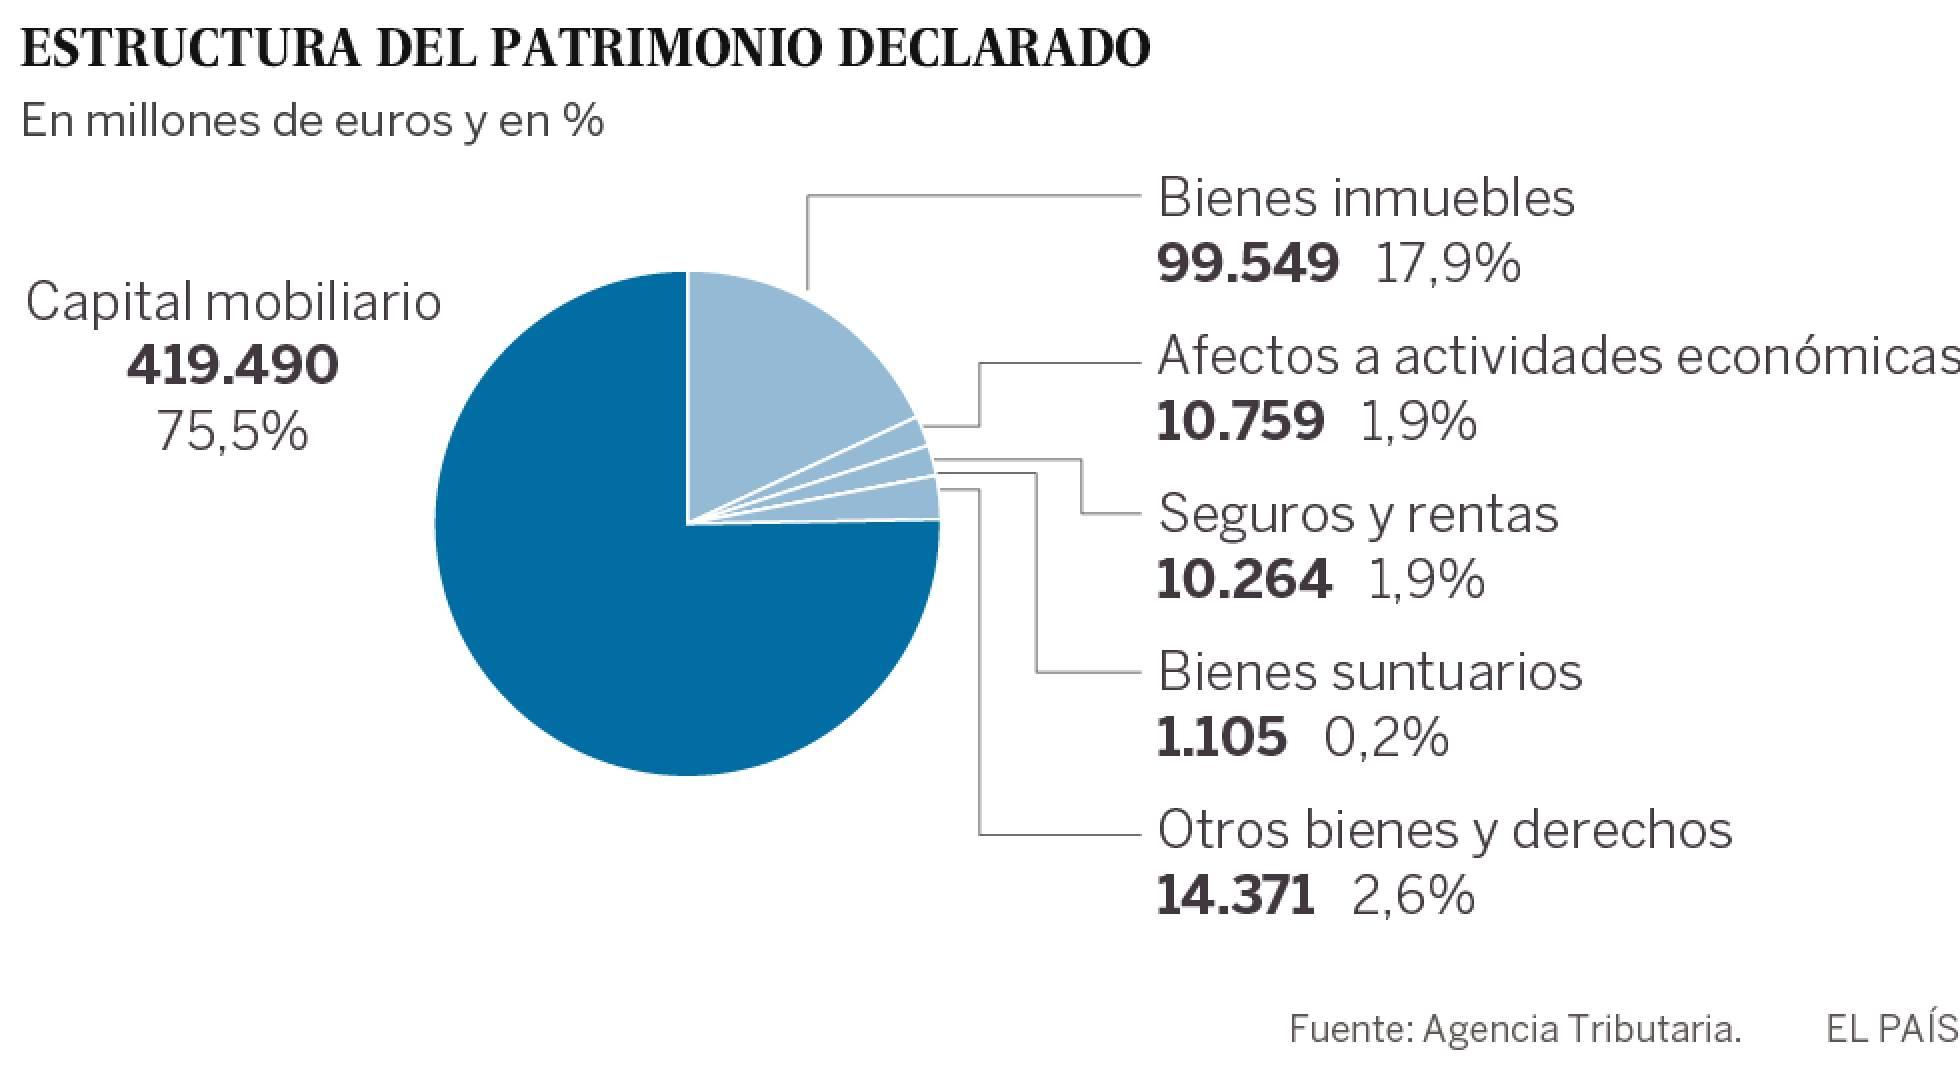 España, paraíso capitalista. Las condiciones de la lucha de clases y ... - Página 3 1473170787_748232_1473179053_sumario_normal_recorte1